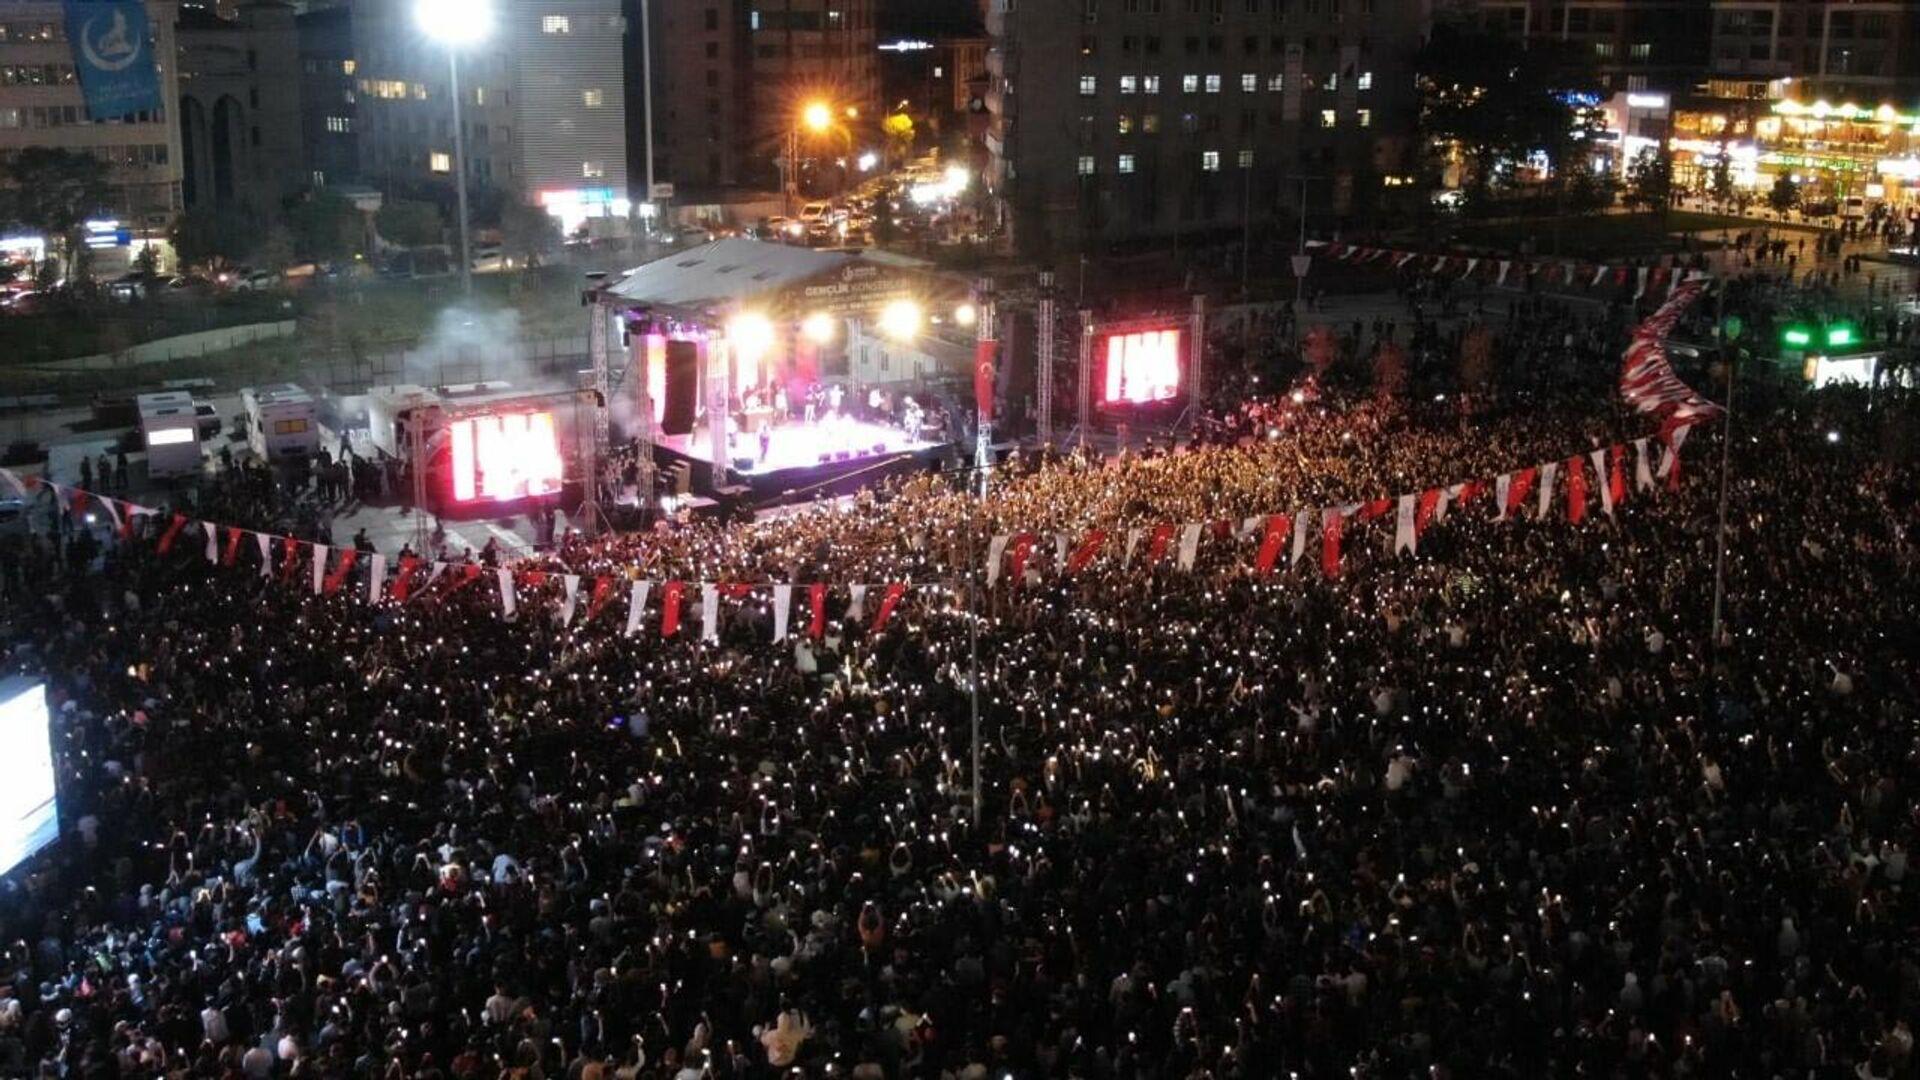 Bağcılar'da 20 bin kişilik rap konseri  - Sputnik Türkiye, 1920, 26.09.2021